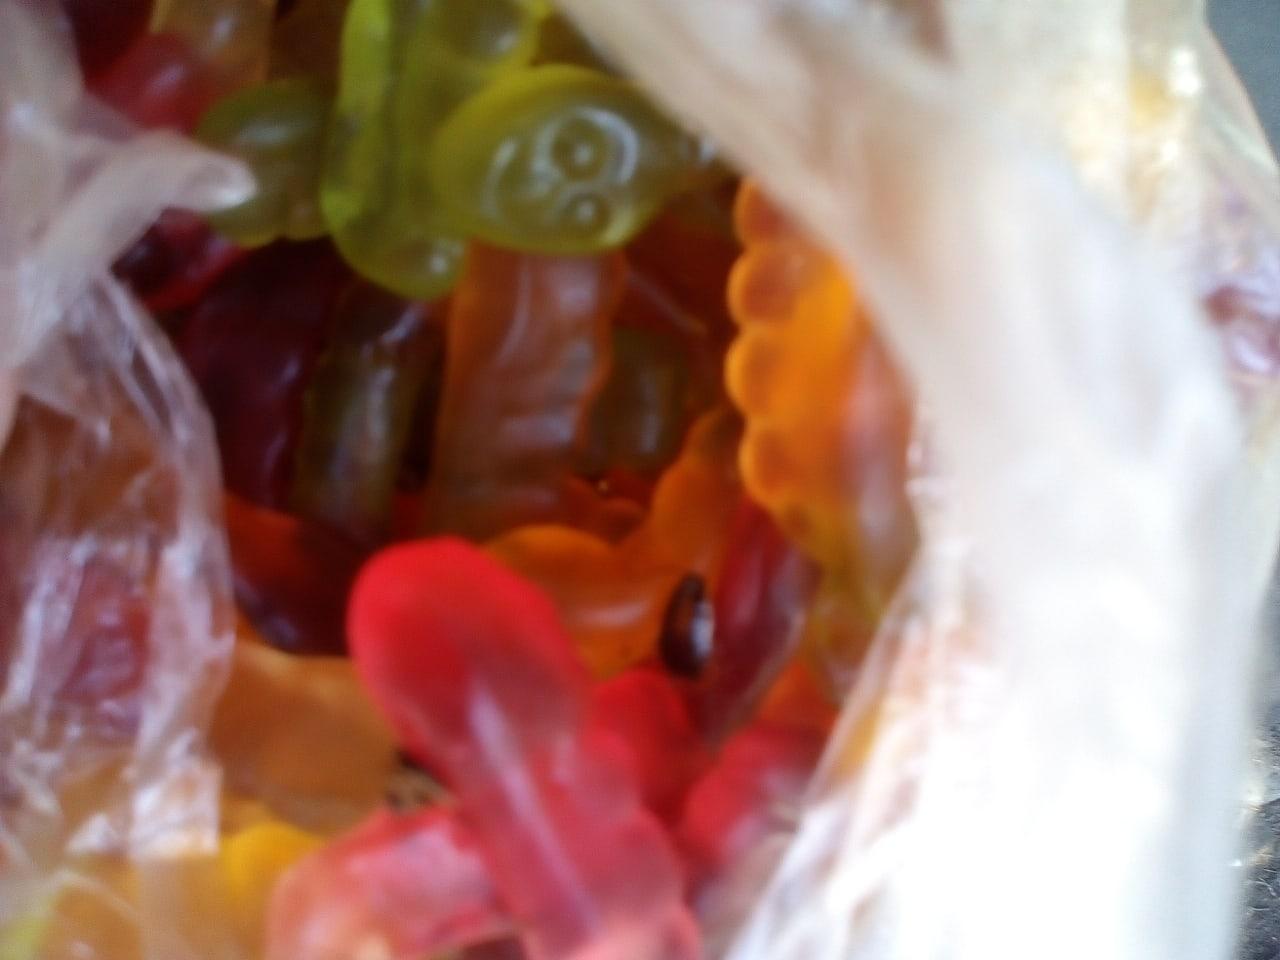 Жительница Брянска купила детям мармелад с тараканами